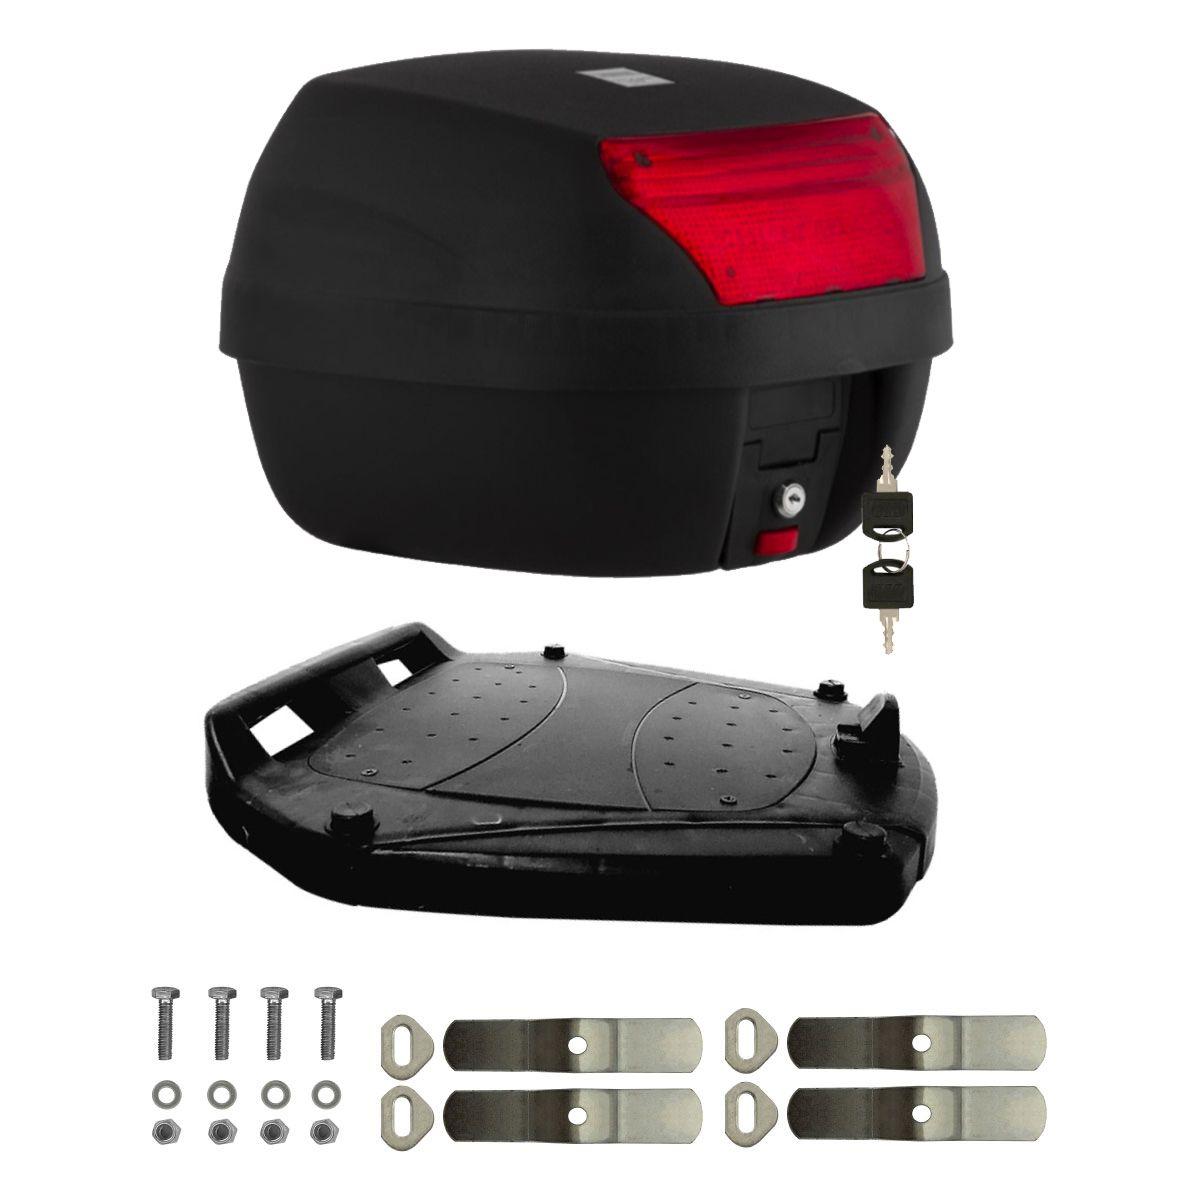 Baú 28 Litros para Moto com Base, Kit Fixação e 2 Chaves, Bauleto Smart Box Pro Tork